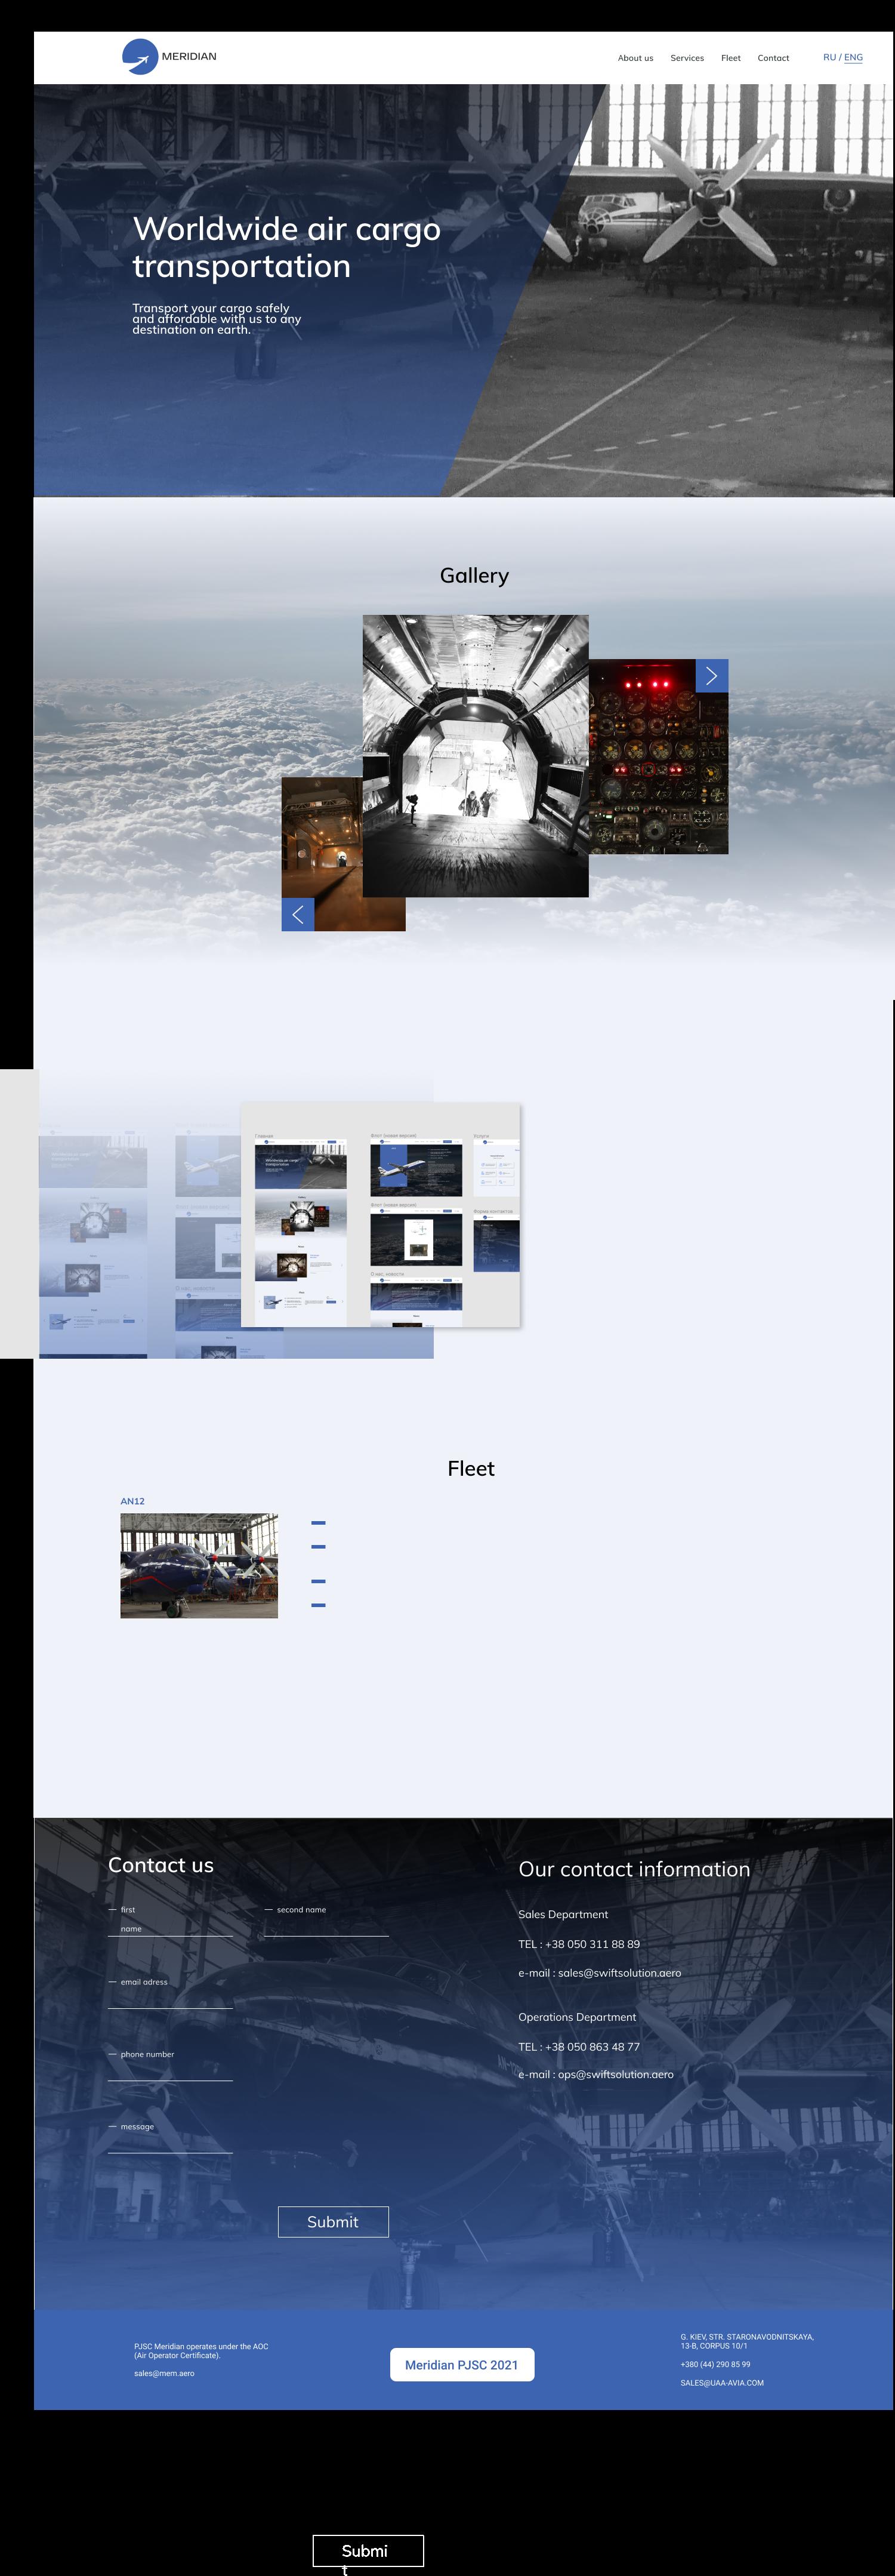 Фото Сайт в формате лендинга+несколько страниц. Адаптиваная кроссбраузерная верстка Чистый JS+CSS.